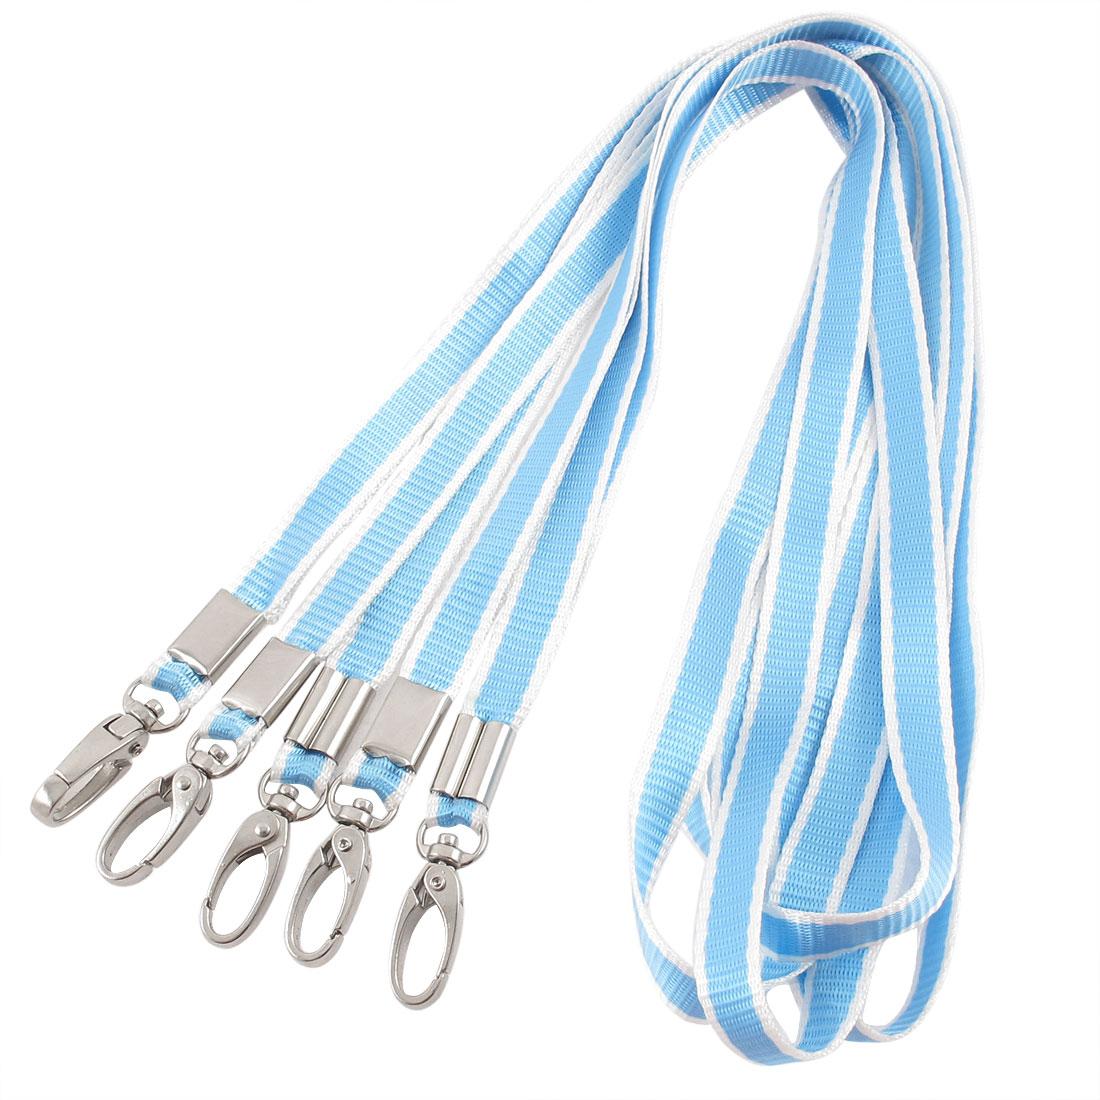 Business Card Badge Keys Holder Lobster Clasp Lanyard Neck Strap Blue 5pcs